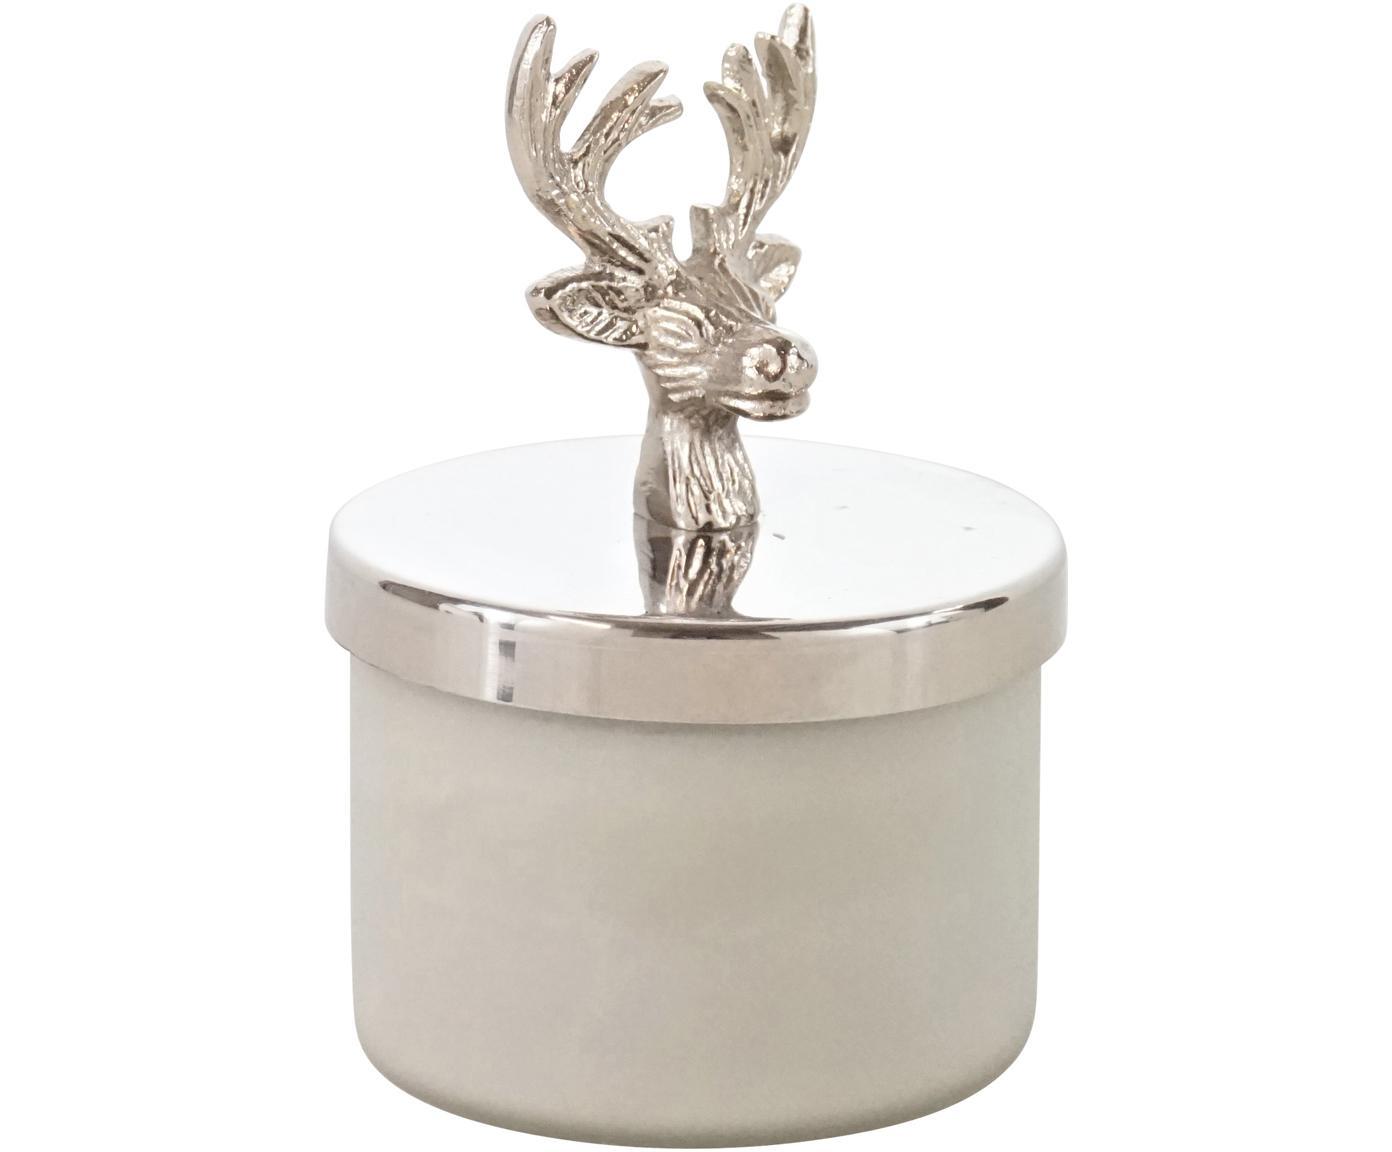 Portacandela Deer, Contenitore: vetro, Coperchio: alluminio, Bianco, argento, Ø 7 x Alt. 12 cm